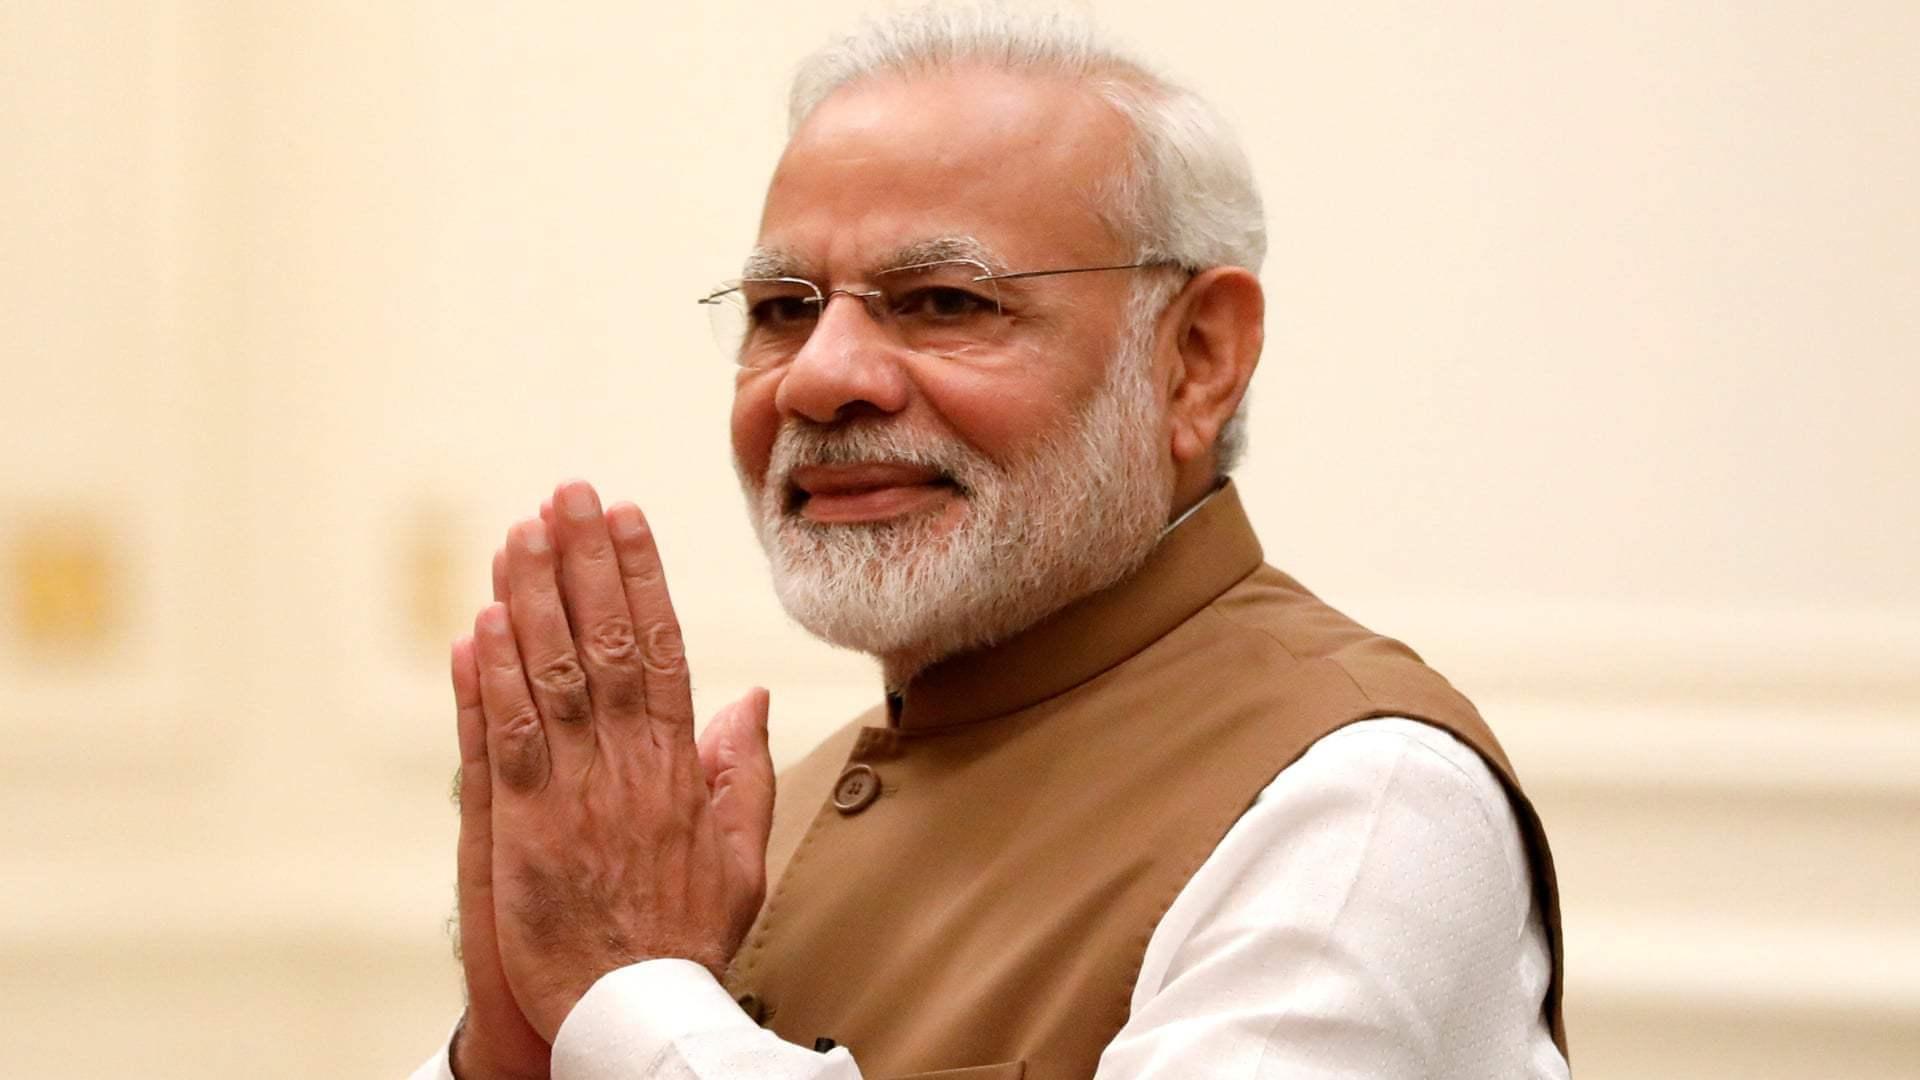 """印度没钱了?总统莫迪推特现""""乌龙事件"""",发推呼吁大家捐款"""